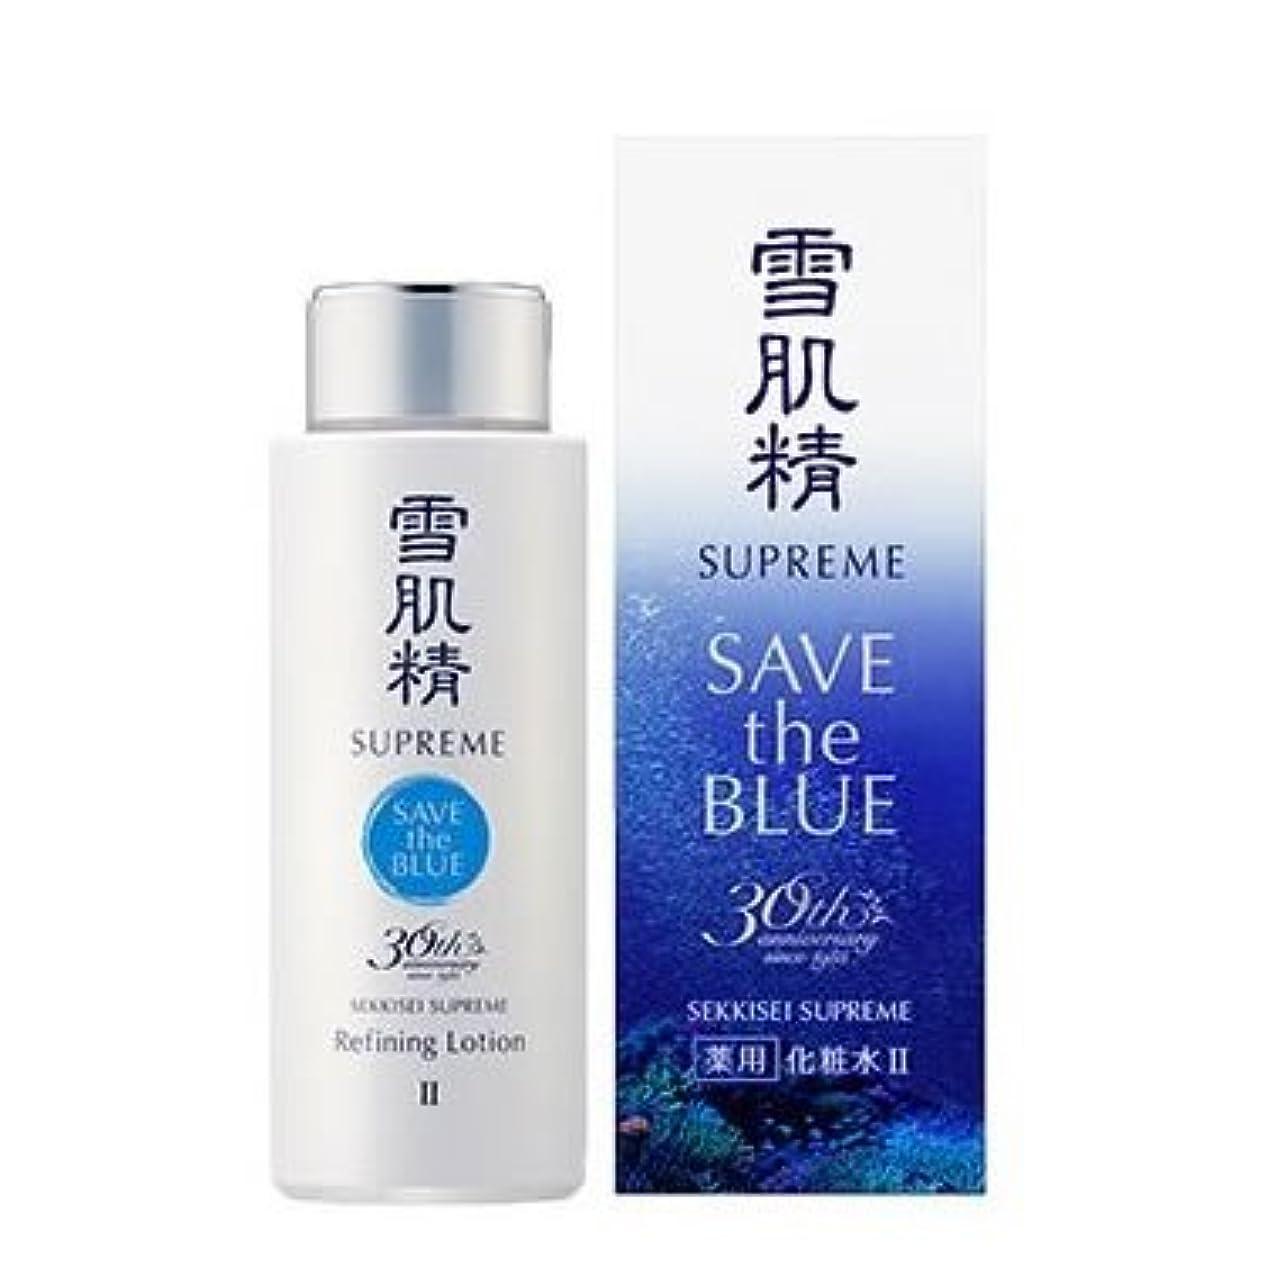 盗賊世論調査出会いコーセー 雪肌精シュープレム 化粧水 II 400ml 限定ボトル SAVE the BLUE 30th Anniversary [並行輸入品]